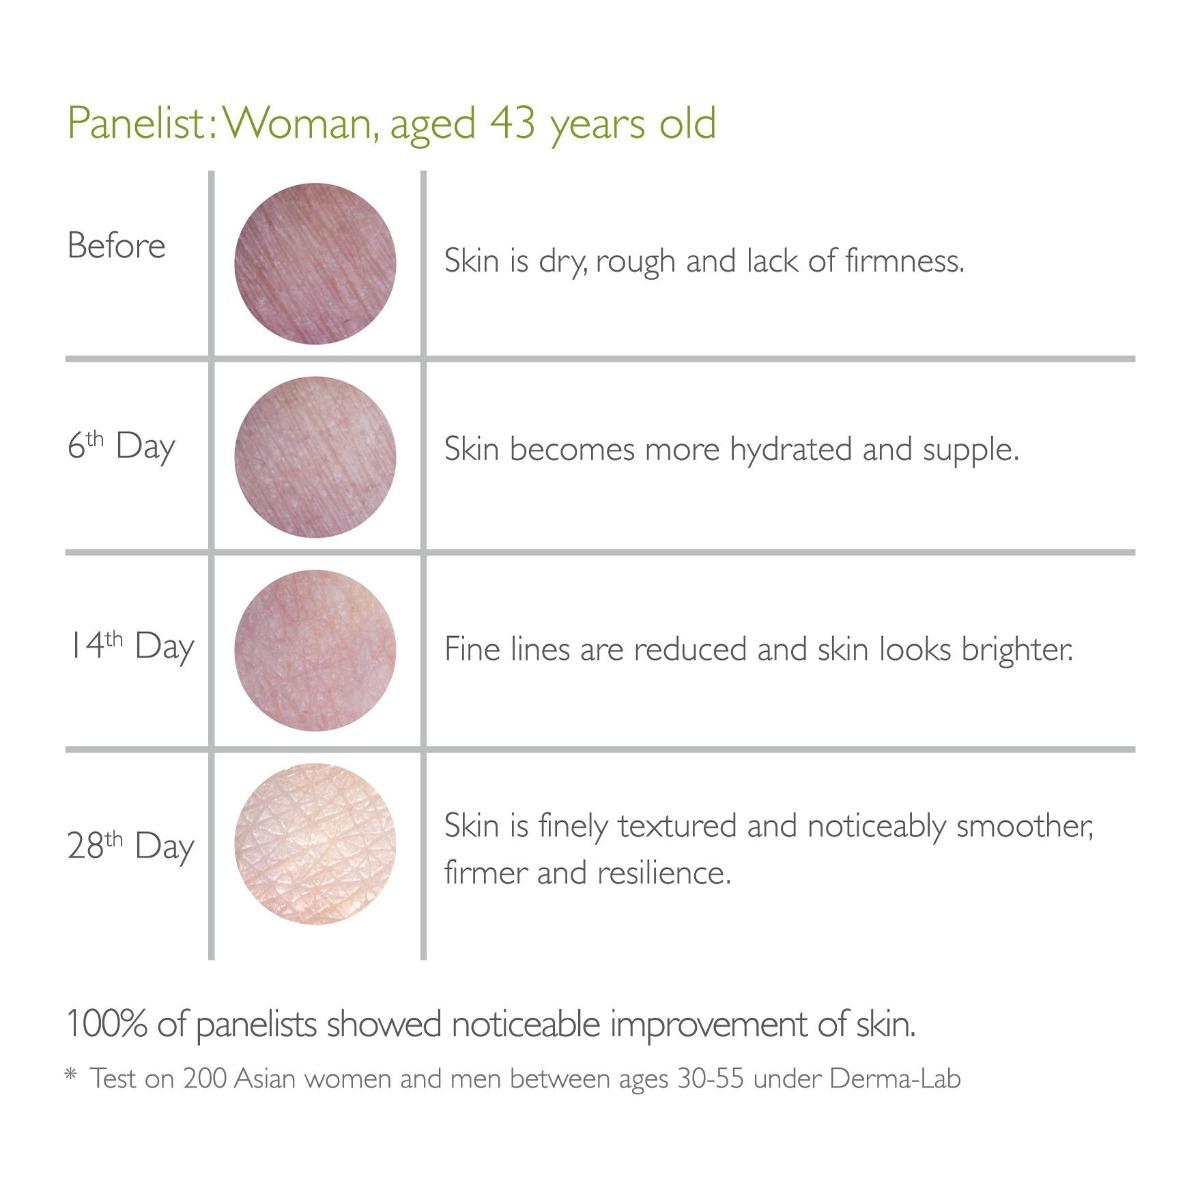 Kết quả thử nghiệm Nước Uống Kinohimitsu Diamond 5300 trên làn da phụ nữ ở độ tuổi 43.